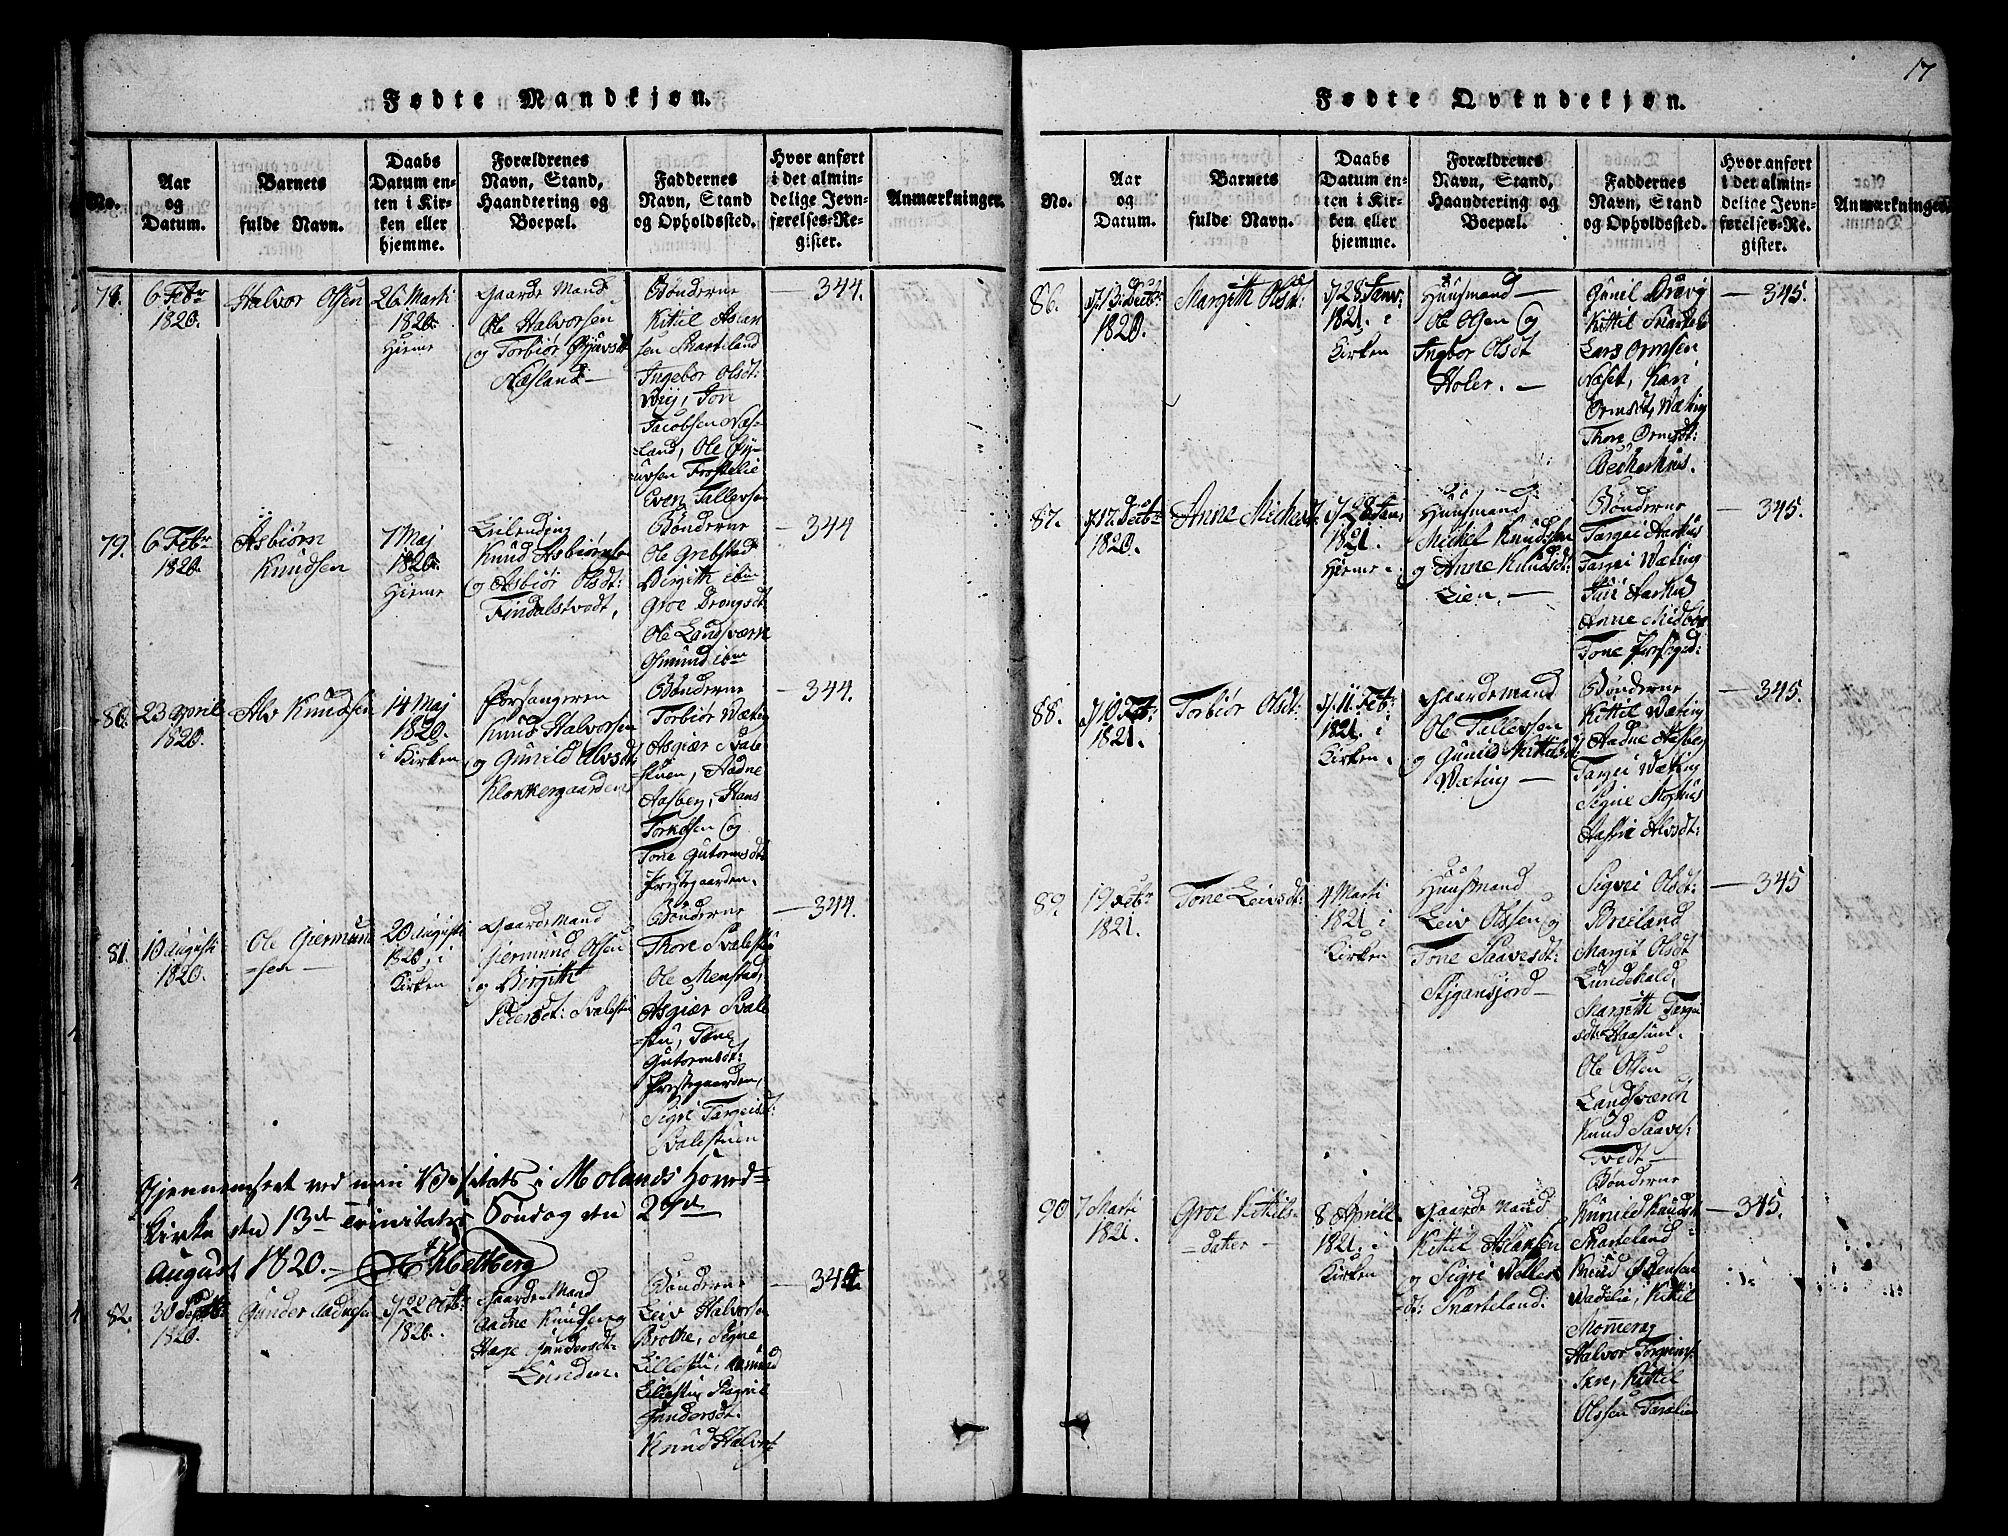 SAKO, Fyresdal kirkebøker, G/Ga/L0001: Klokkerbok nr. I 1, 1816-1840, s. 17